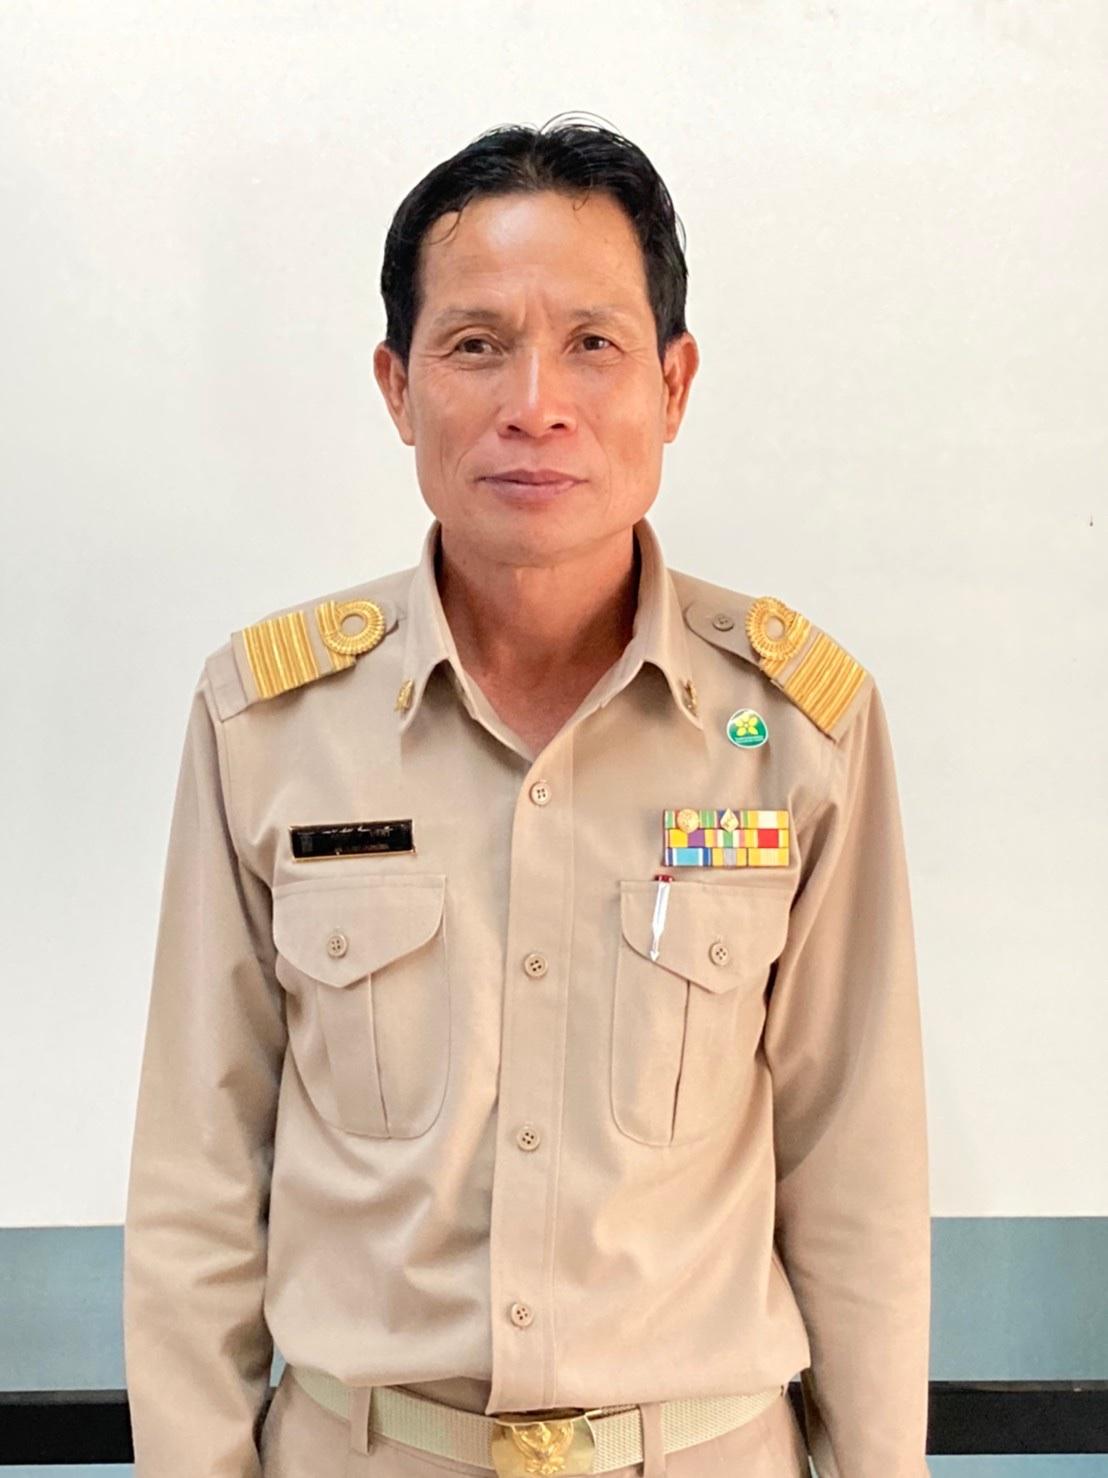 นายพันธ์ศักดิ์ มูลศรี ผู้อำนวยการโรงเรียนบ้านคำไฮหัวทุ่งประชาบำรุง โทร : 081-7684587 Email : pansakmoon@gmail.com